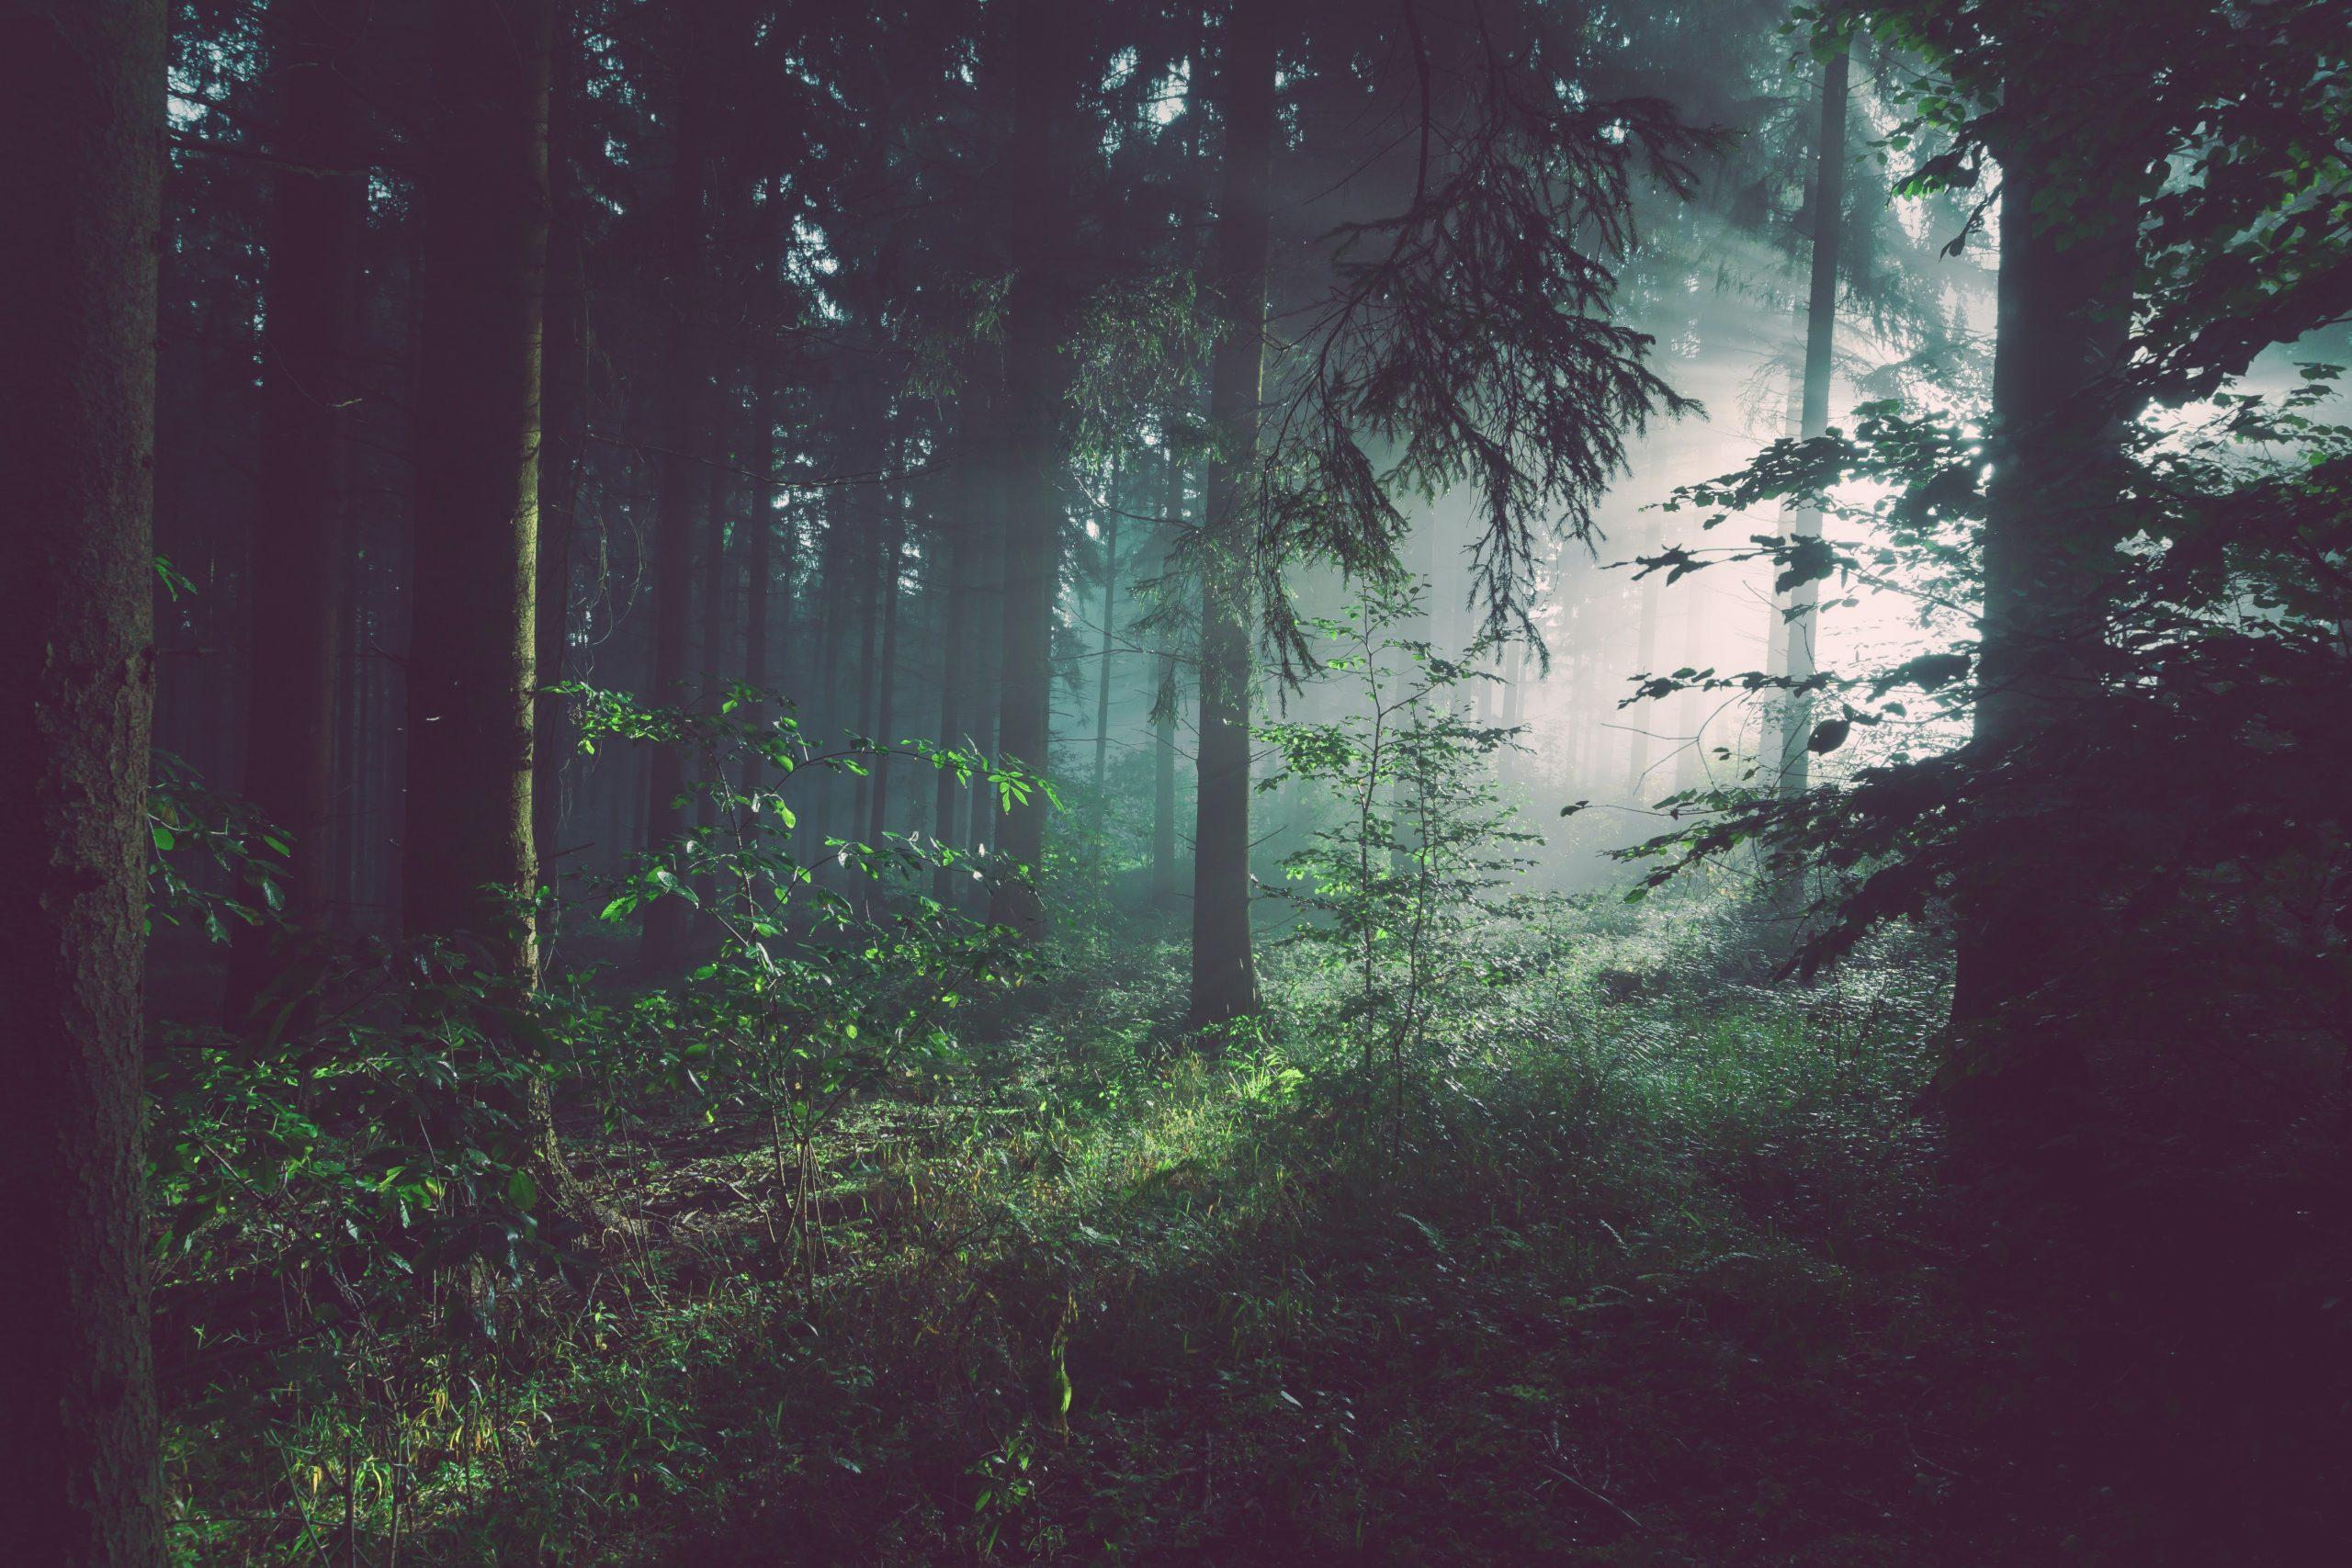 Pacto Ecológico Europeu. Comissão Europeia propõe nova estratégia para proteger e recuperar florestas